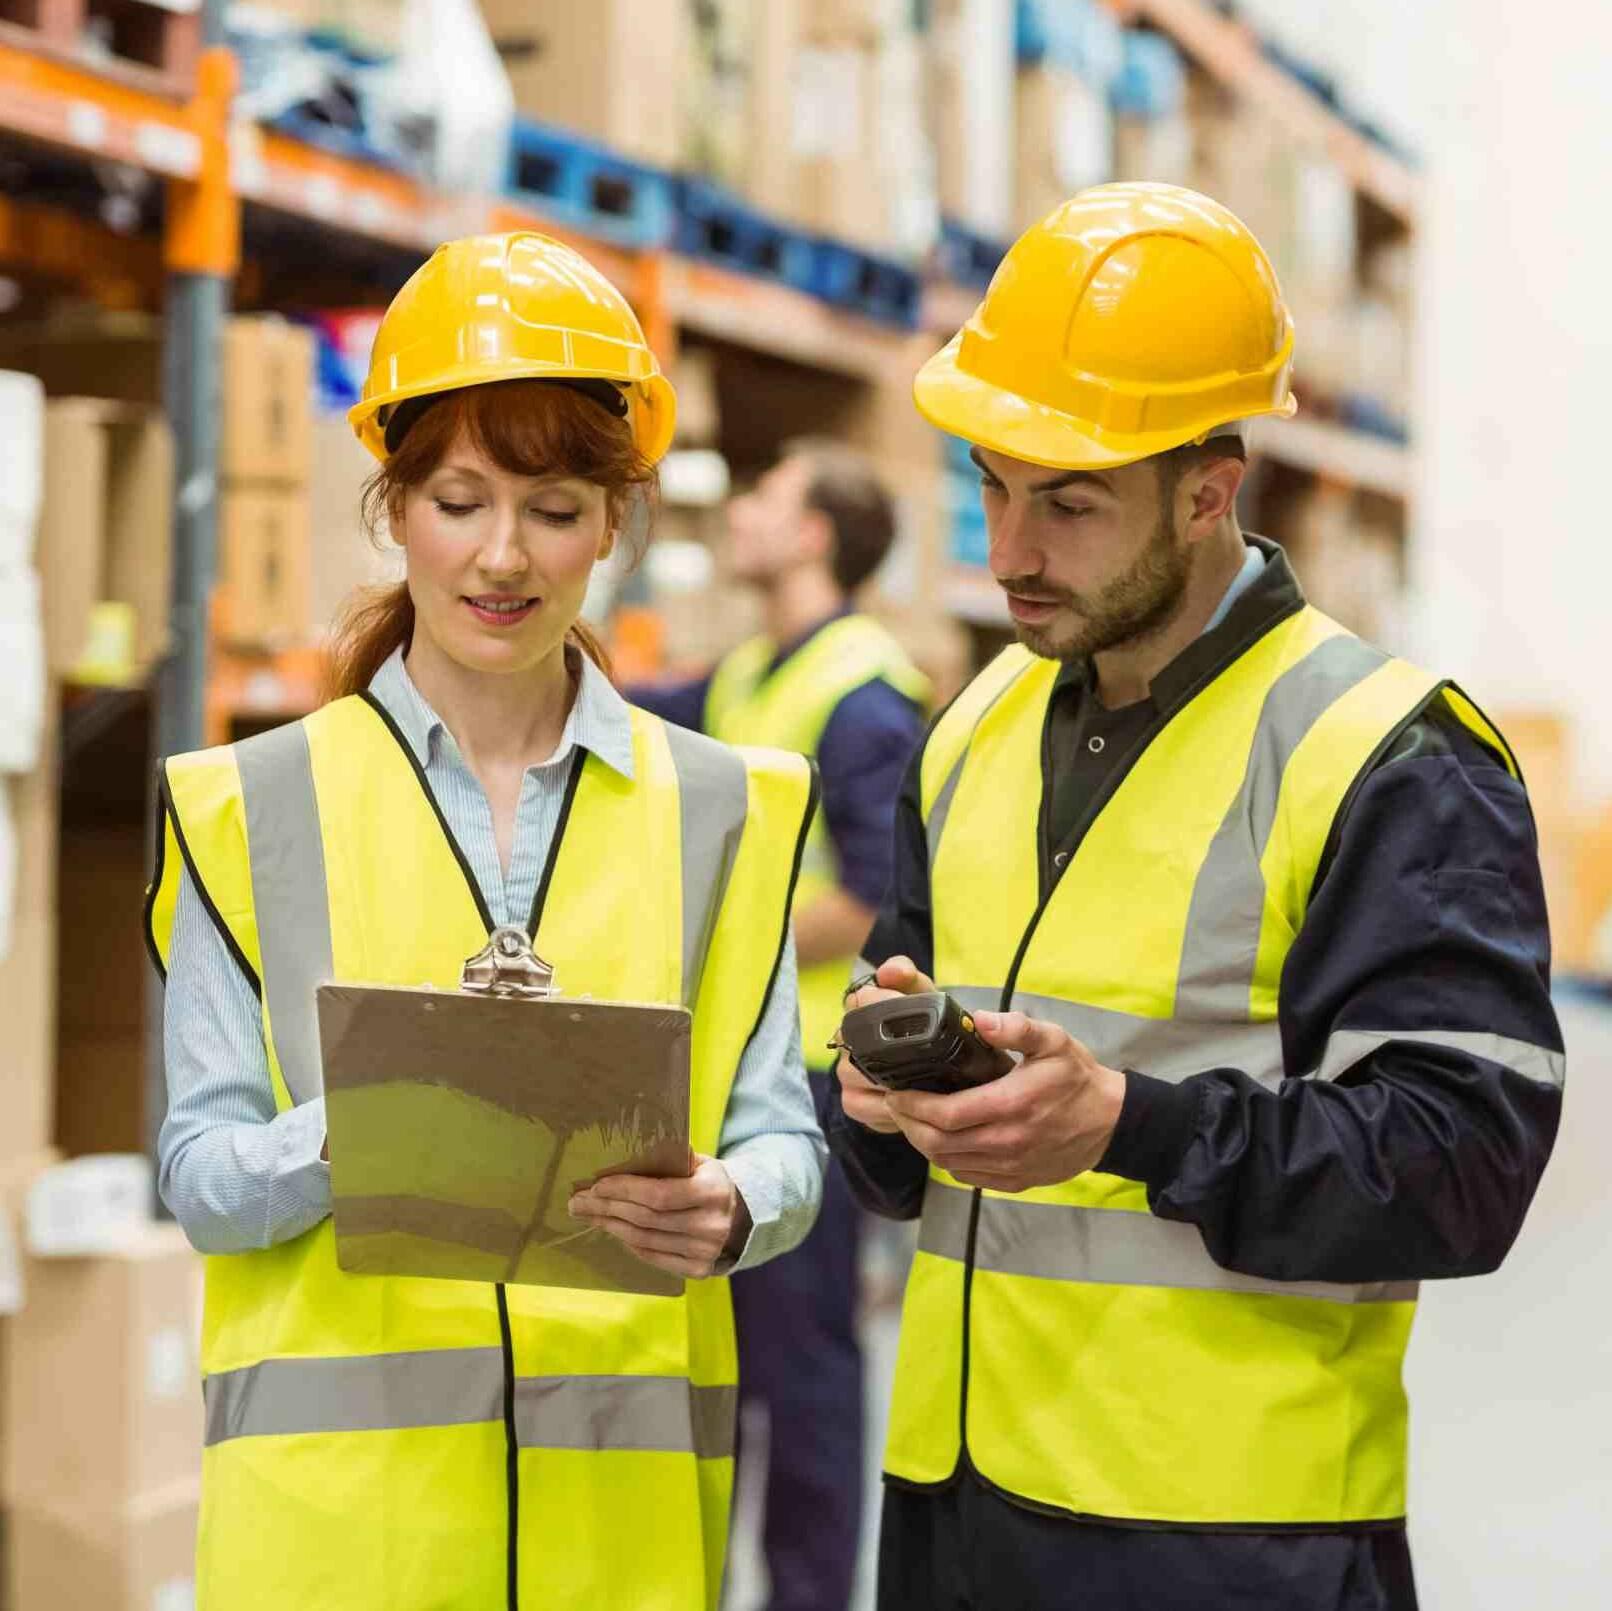 Fördermittel & Finanzierung Logistik